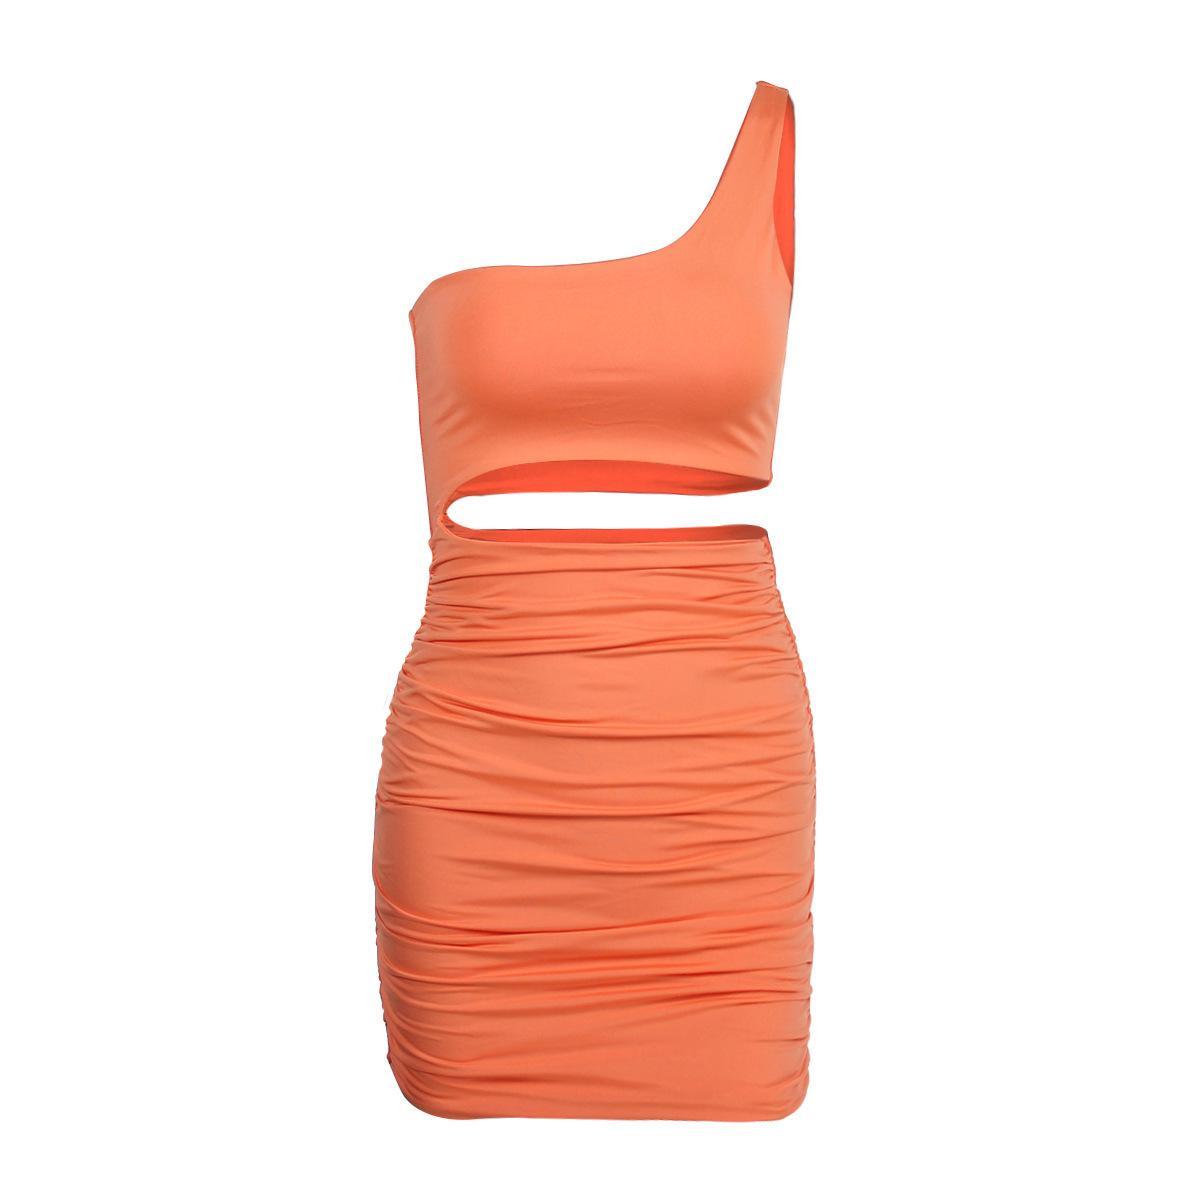 Женская мода Dresssingle плеча сексуальный ночной клуб мешок бедра платье цвета 5 ярдов3blpdd